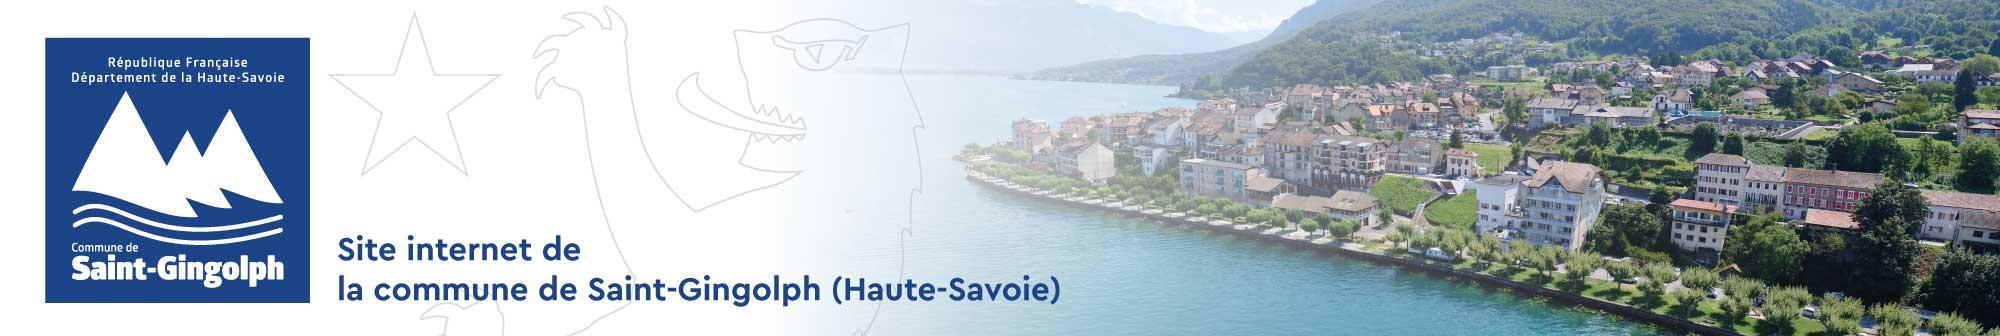 Saint-Gingolph, commune française de la Haute-Savoie